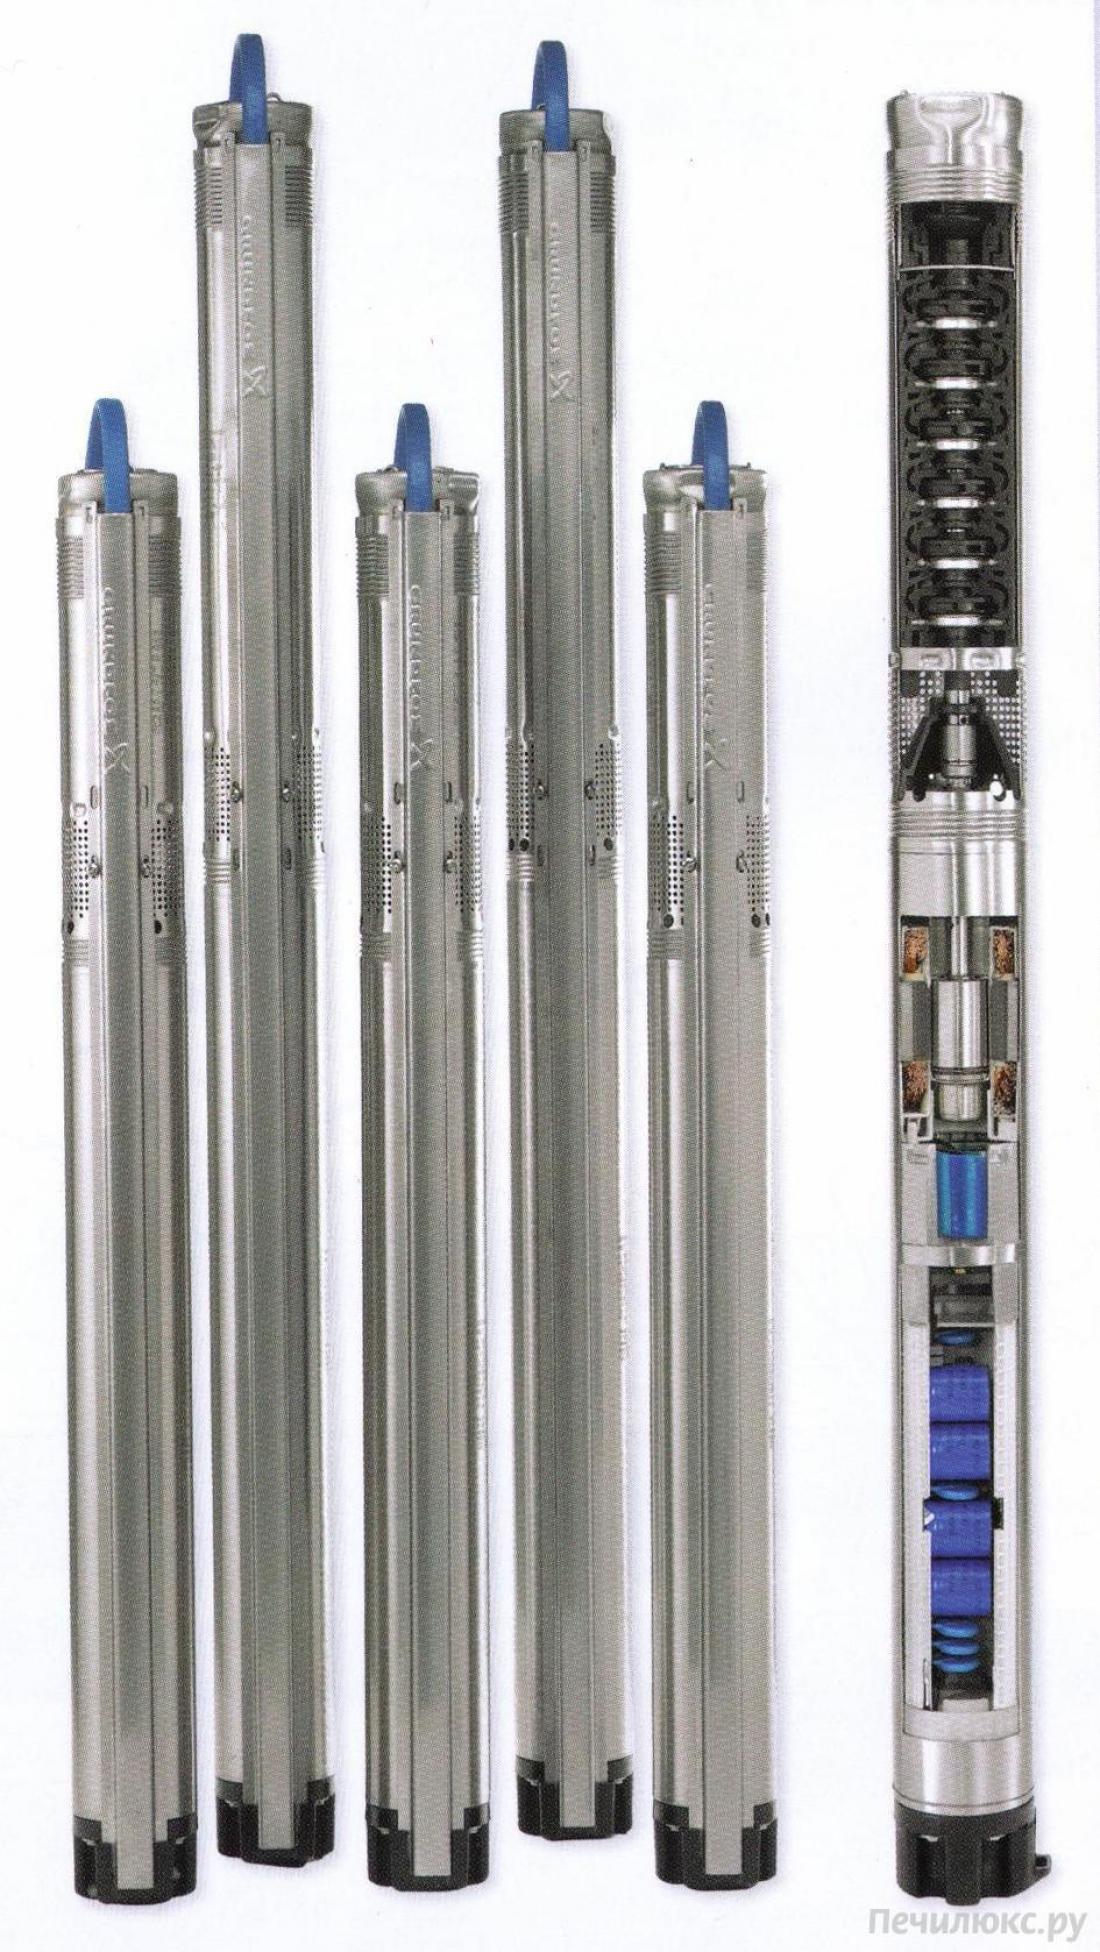 SQE 5- 25     0.70kW 200-240V 50/60Hz